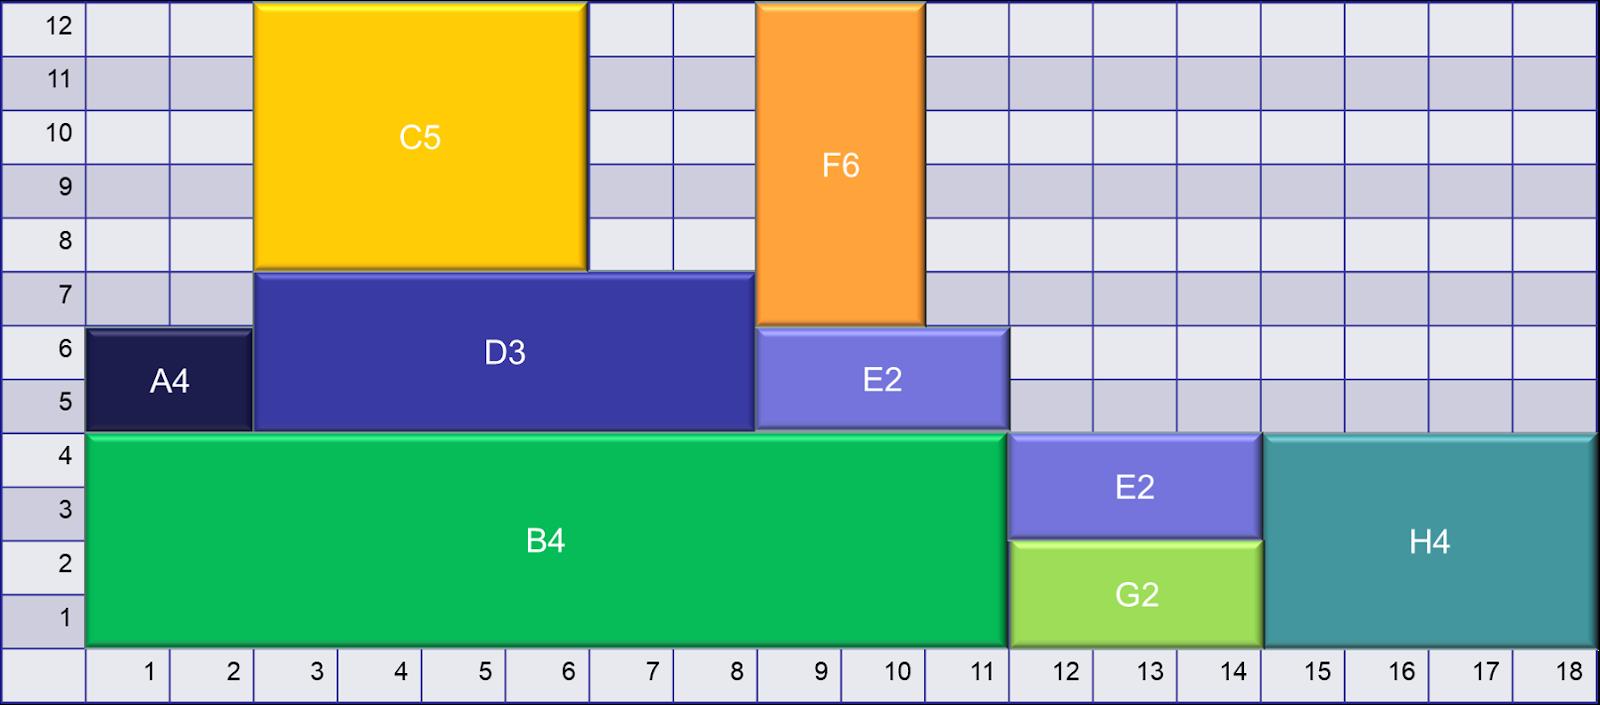 Plan de charge (nombre personnes en y ; temps en heures en x)